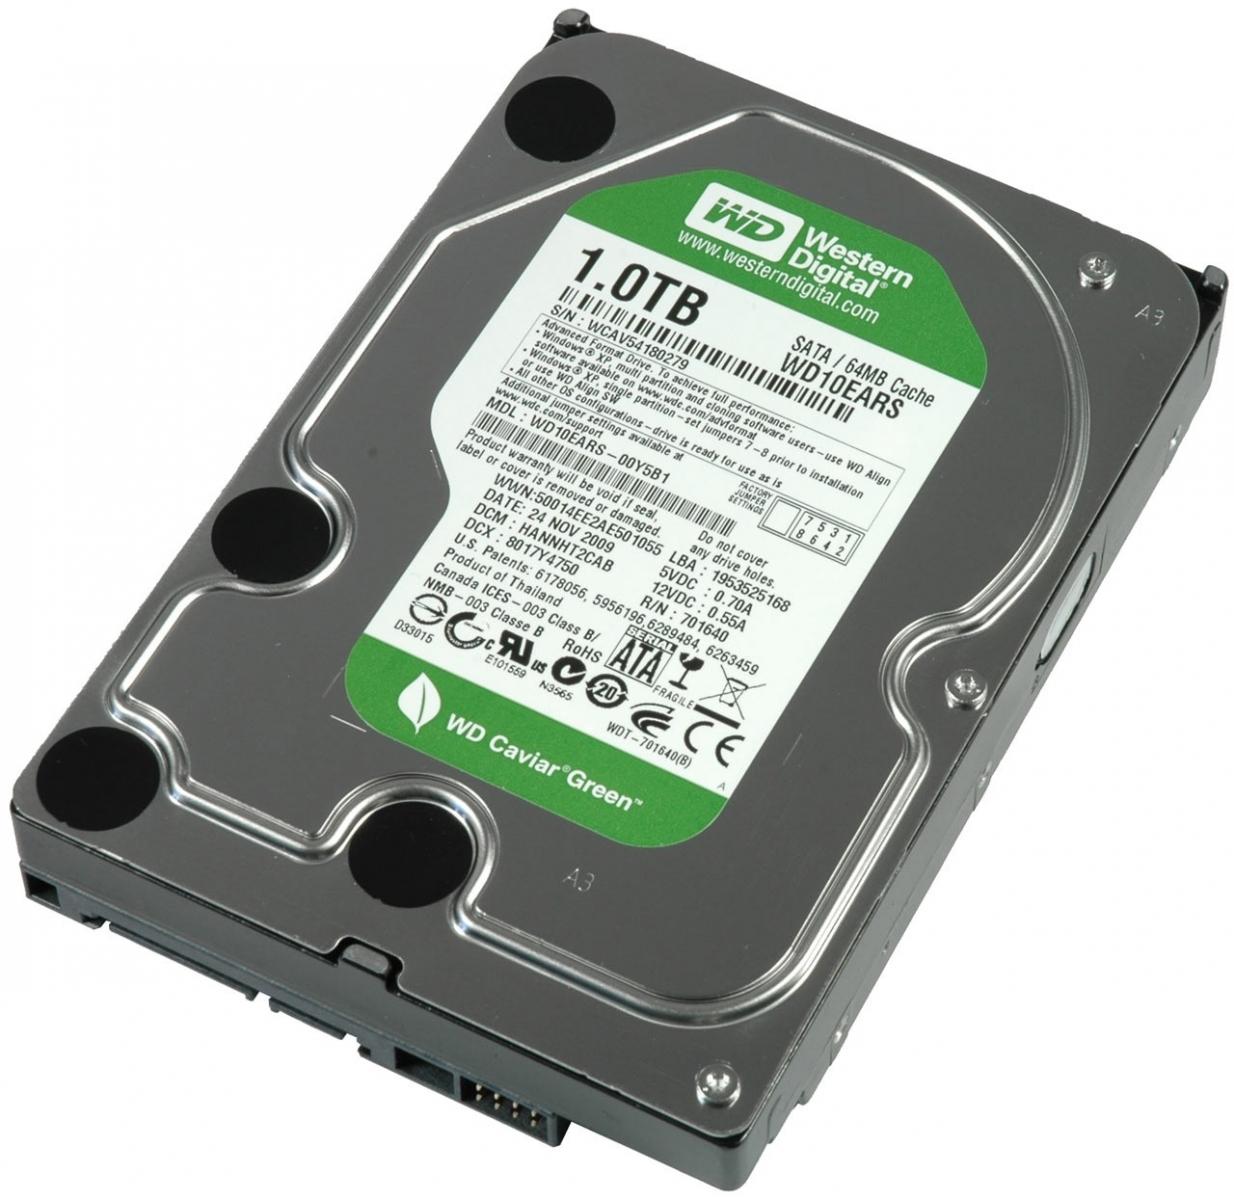 HDD máy chủ (server) là gì? Cấu trúc của HDD máy chủ (server)